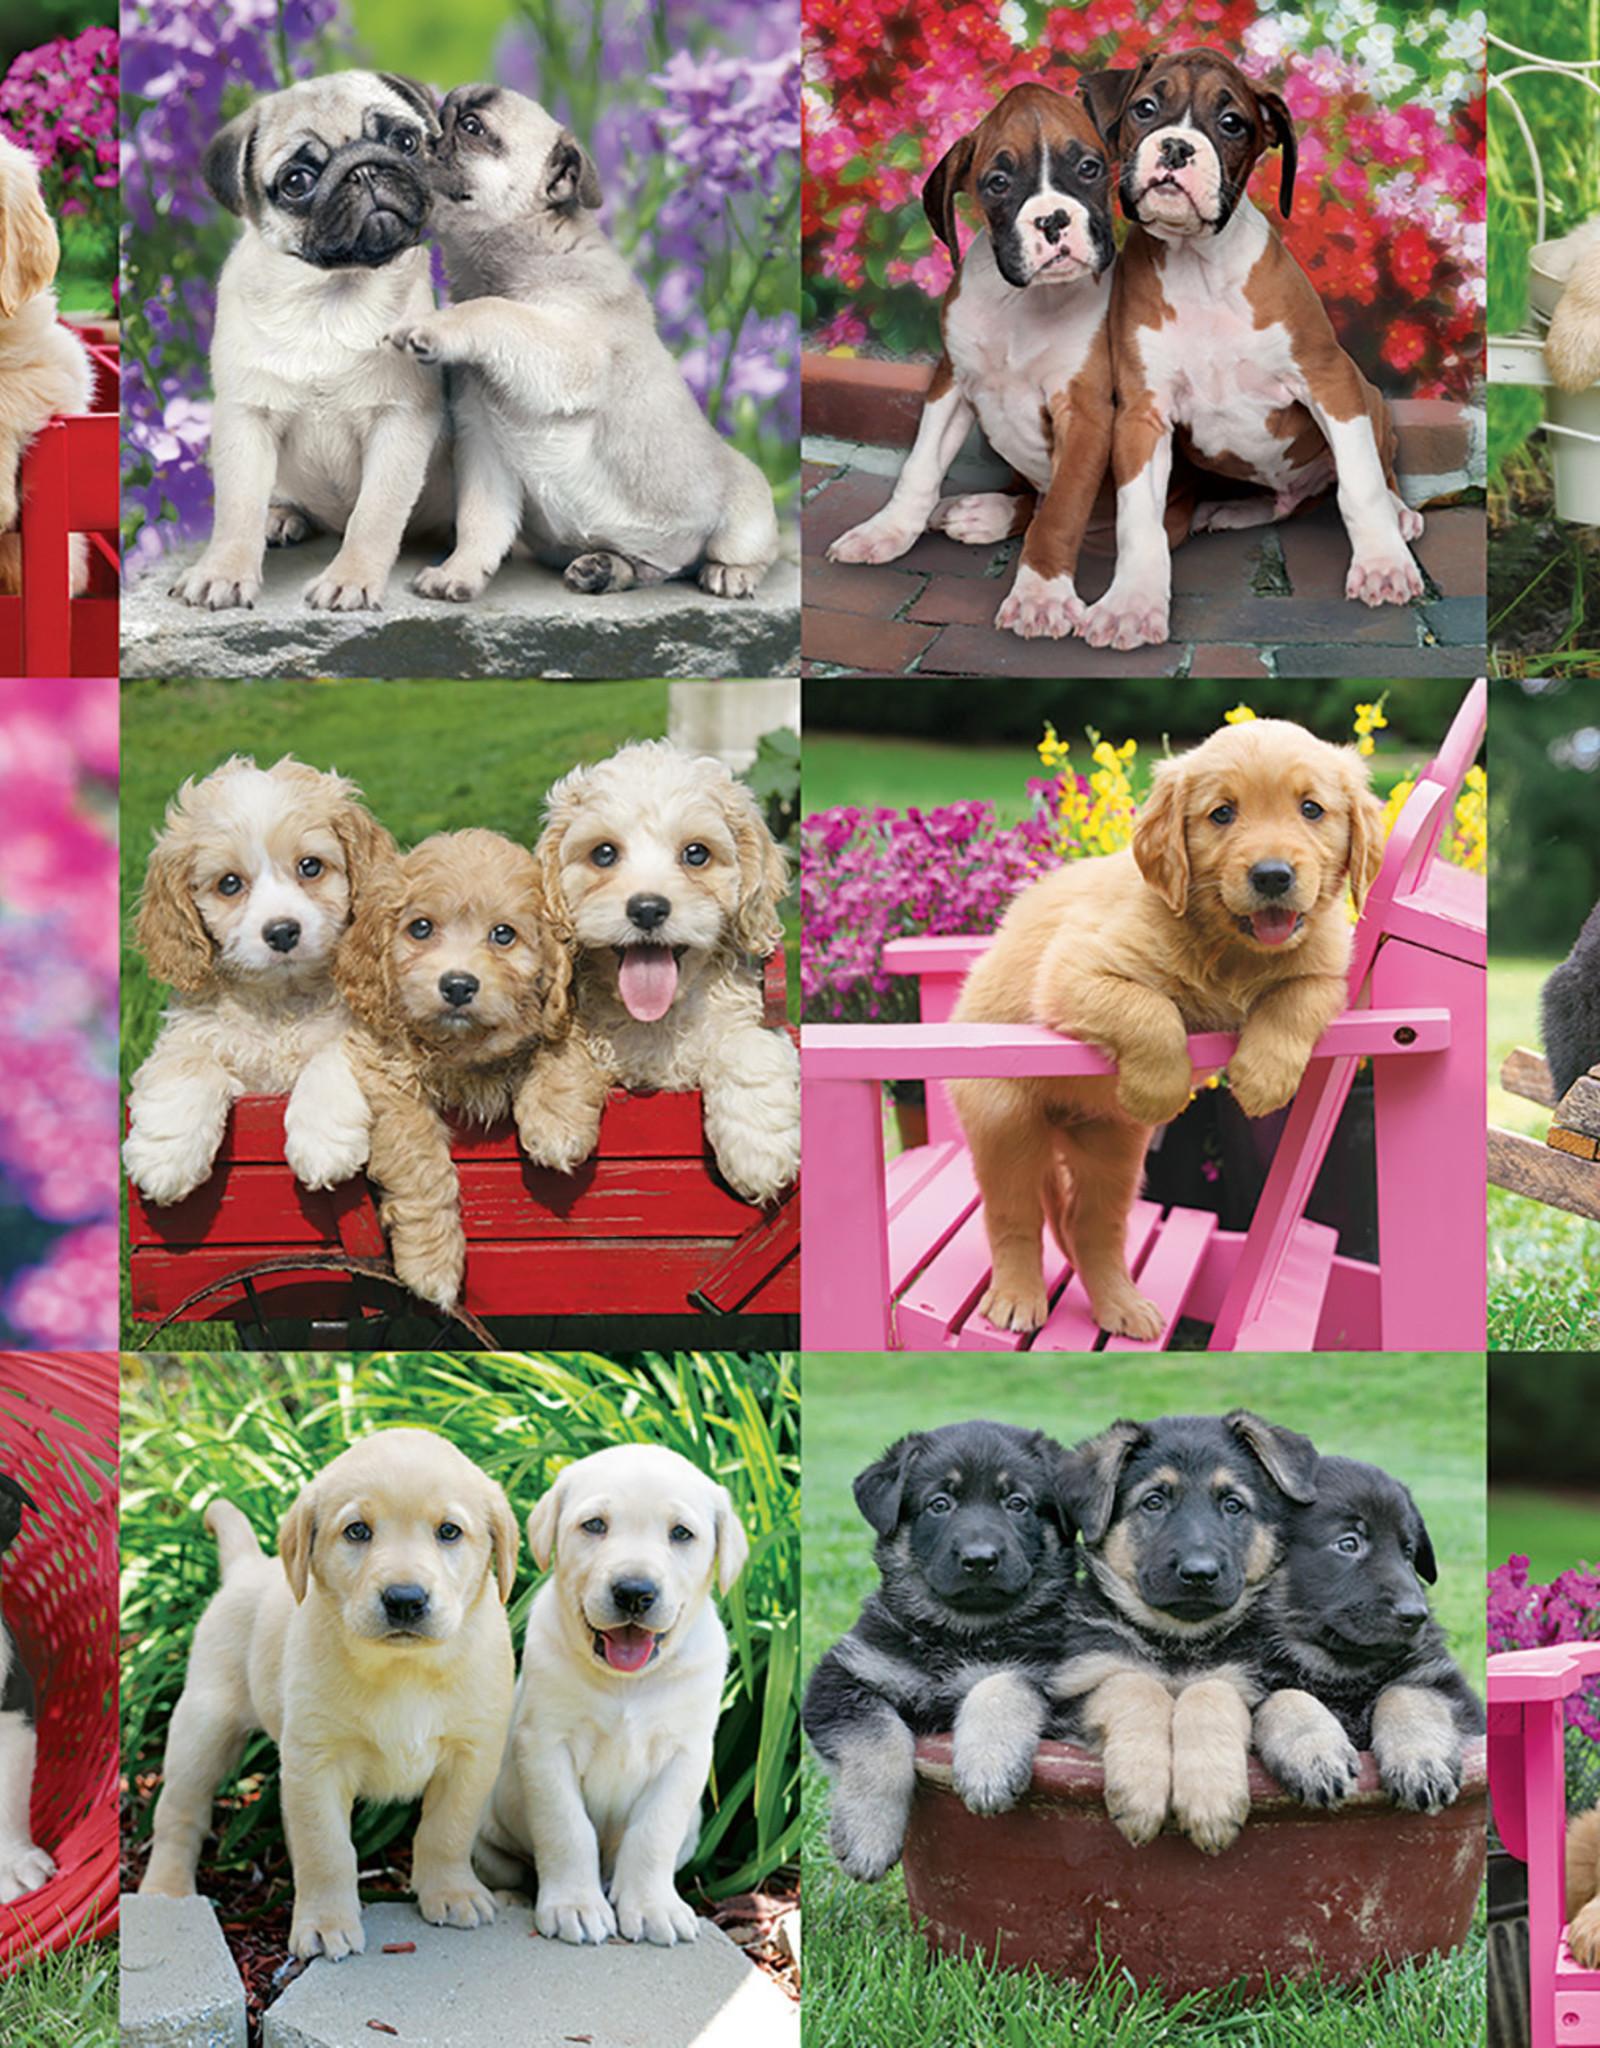 Ravensburger Puppy Pals 500pc Puzzle